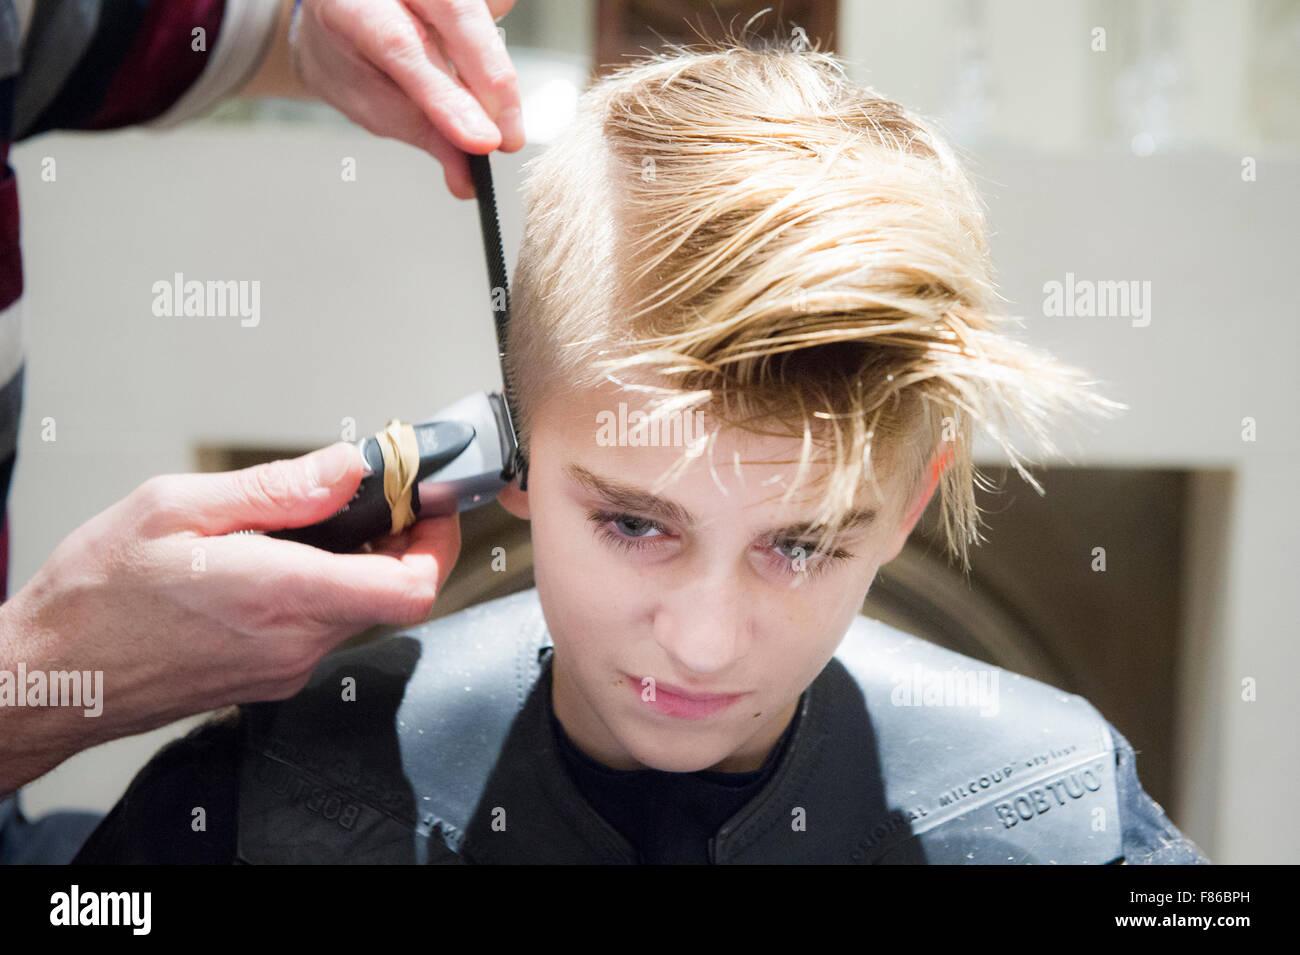 Ein Blonder Junge Hat Seine Haare Schneiden Stockfoto Bild